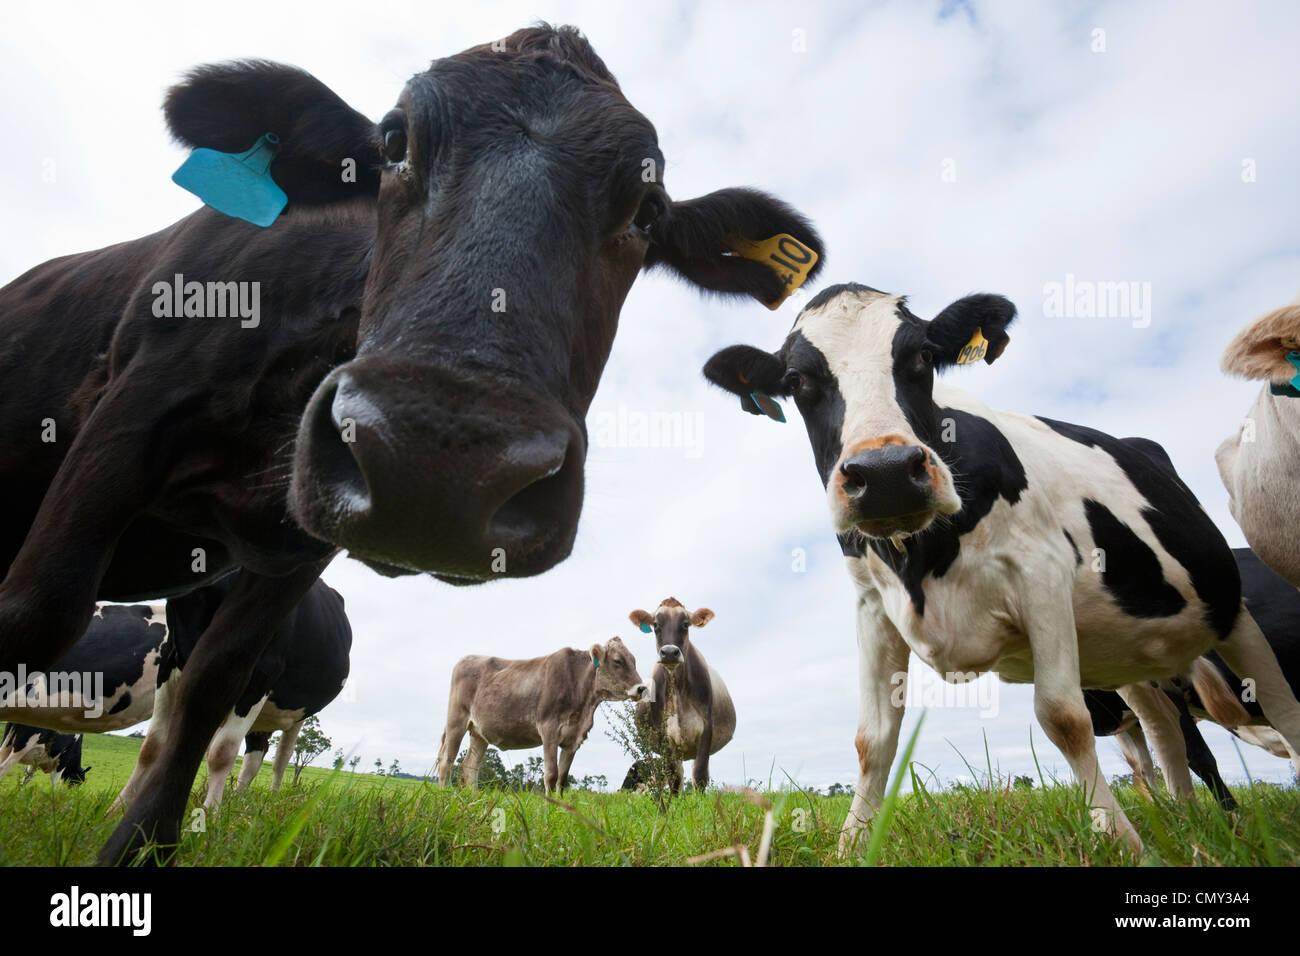 Curiose le vacche da latte. Millaa Millaa, altopiano di Atherton, Queensland, Australia Immagini Stock